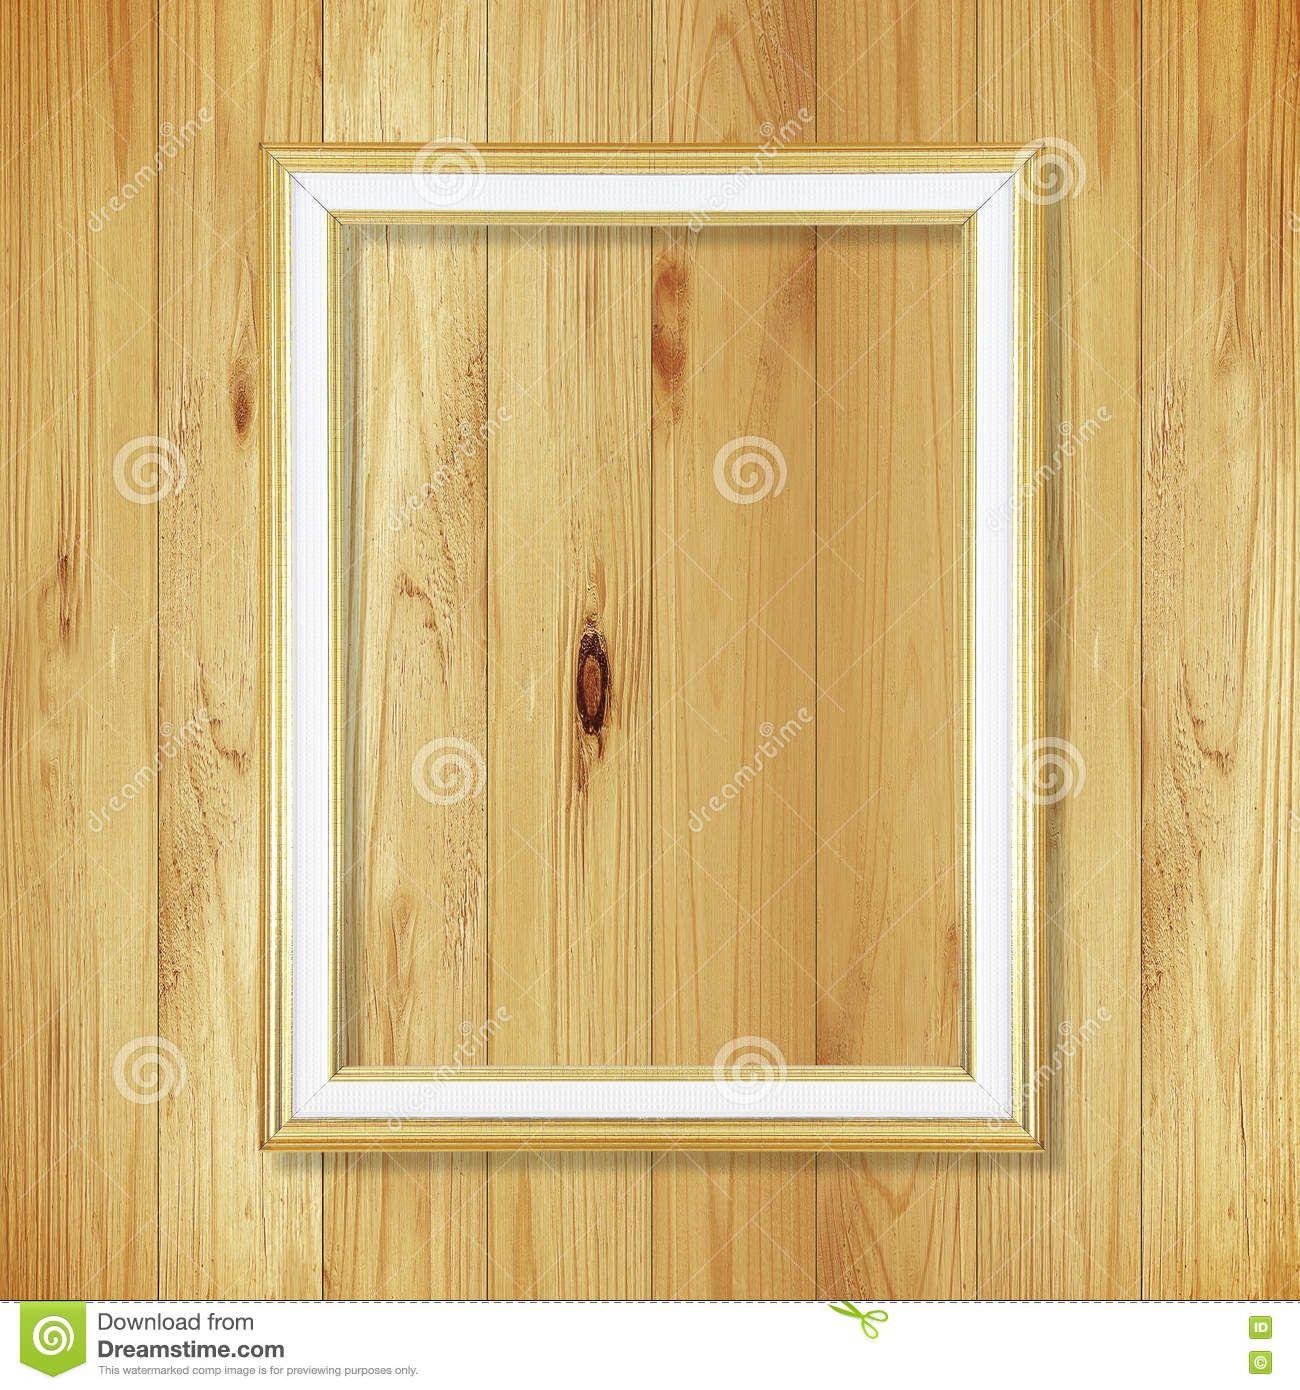 Marco antiguo del oro en la pared de madera; Marco vacío en pizca ...